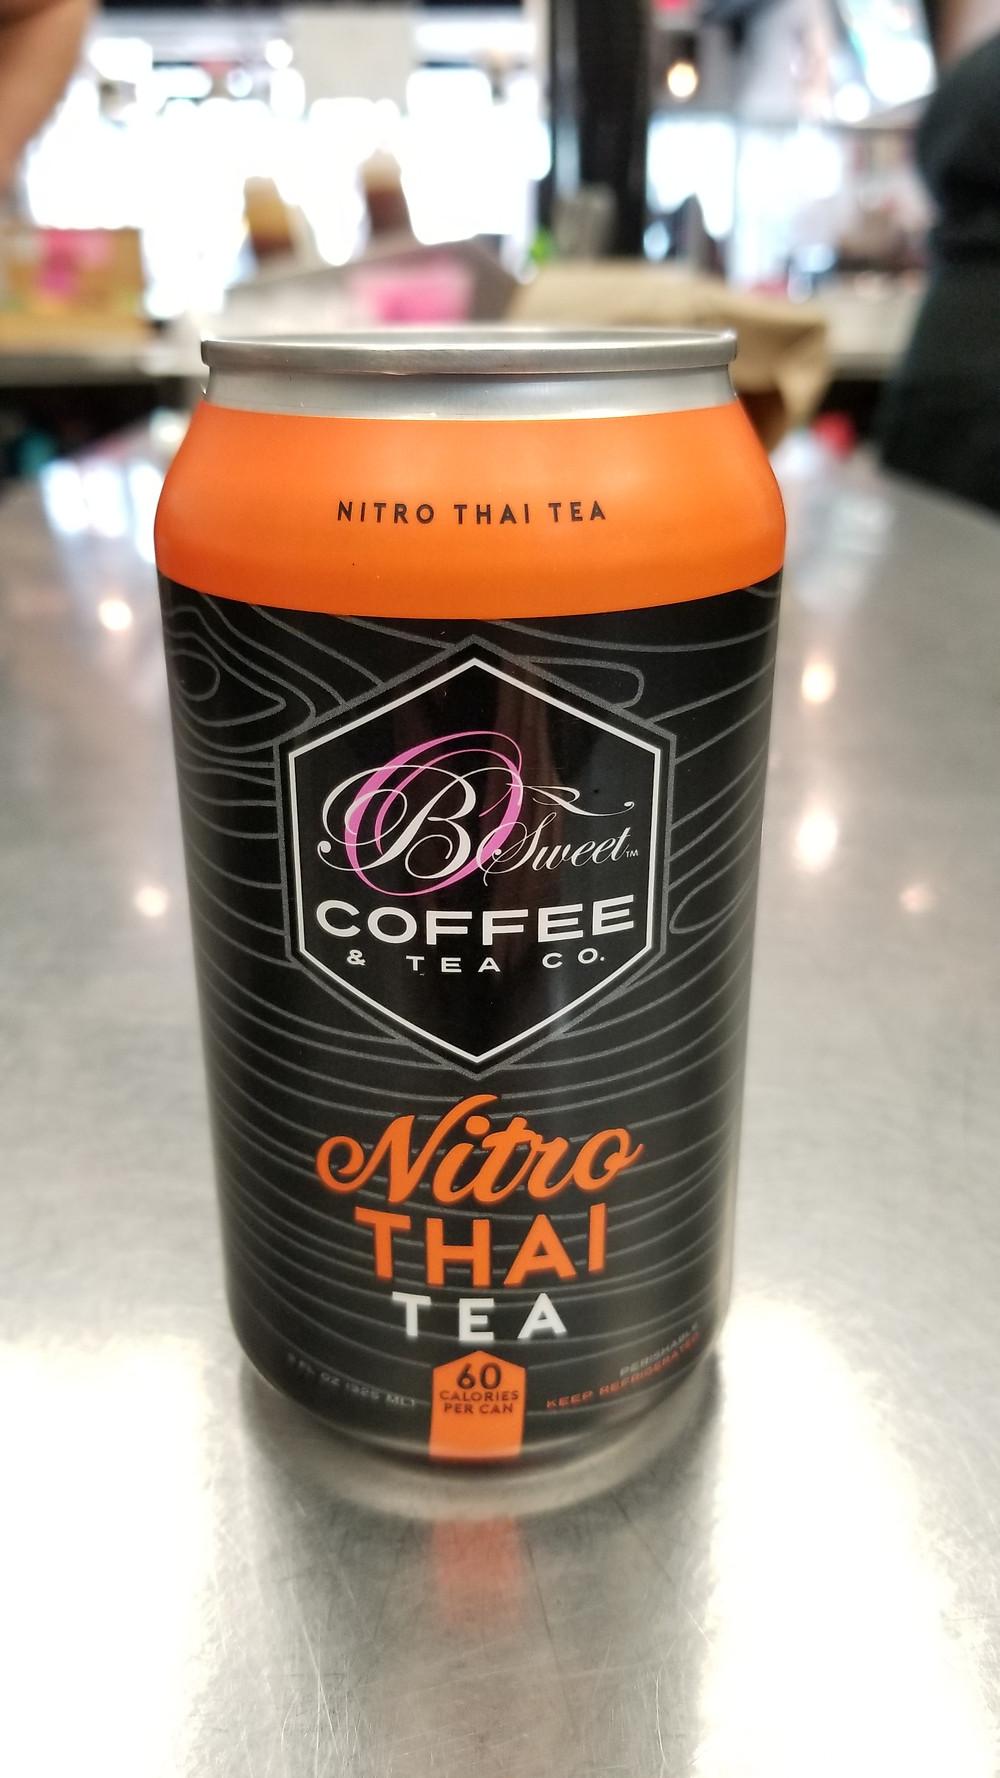 B Sweet Nitro Thai Tea Can